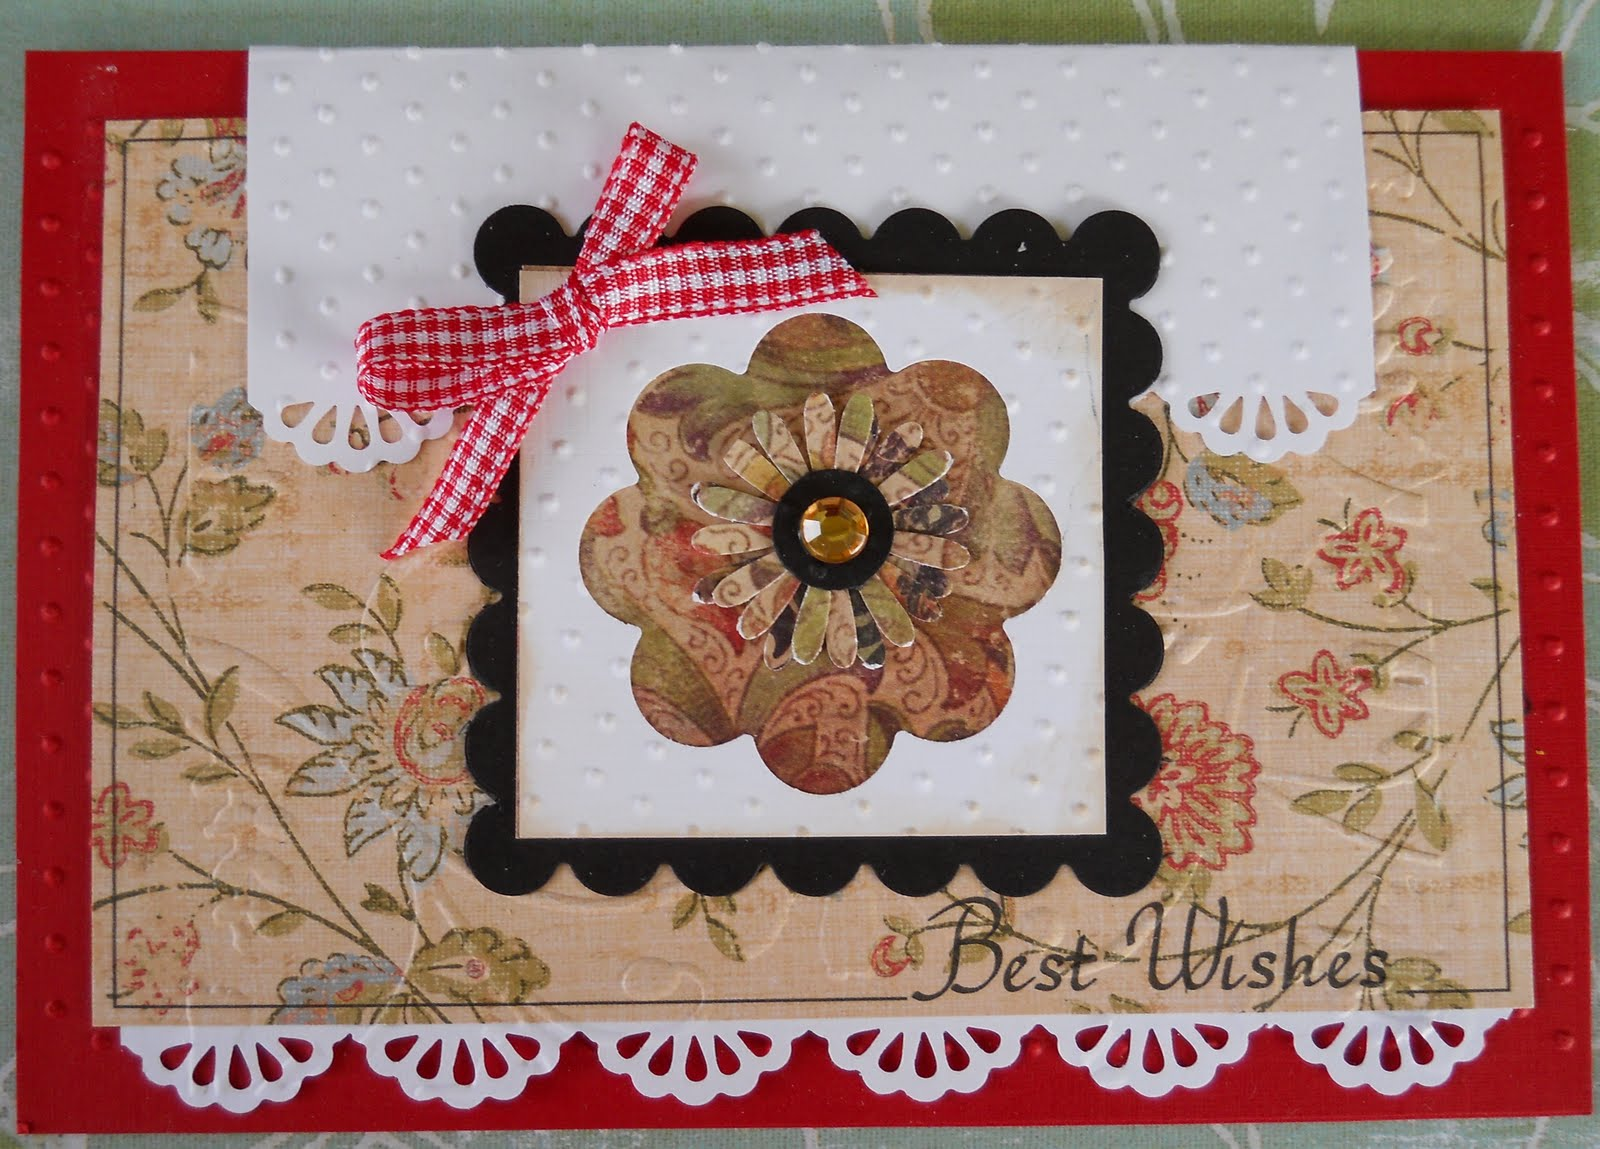 http://2.bp.blogspot.com/_5vVH7V_2_l8/TCIgFJU5niI/AAAAAAAACFk/uQO9FX3fnvY/s1600/CC:Postcard.JPG